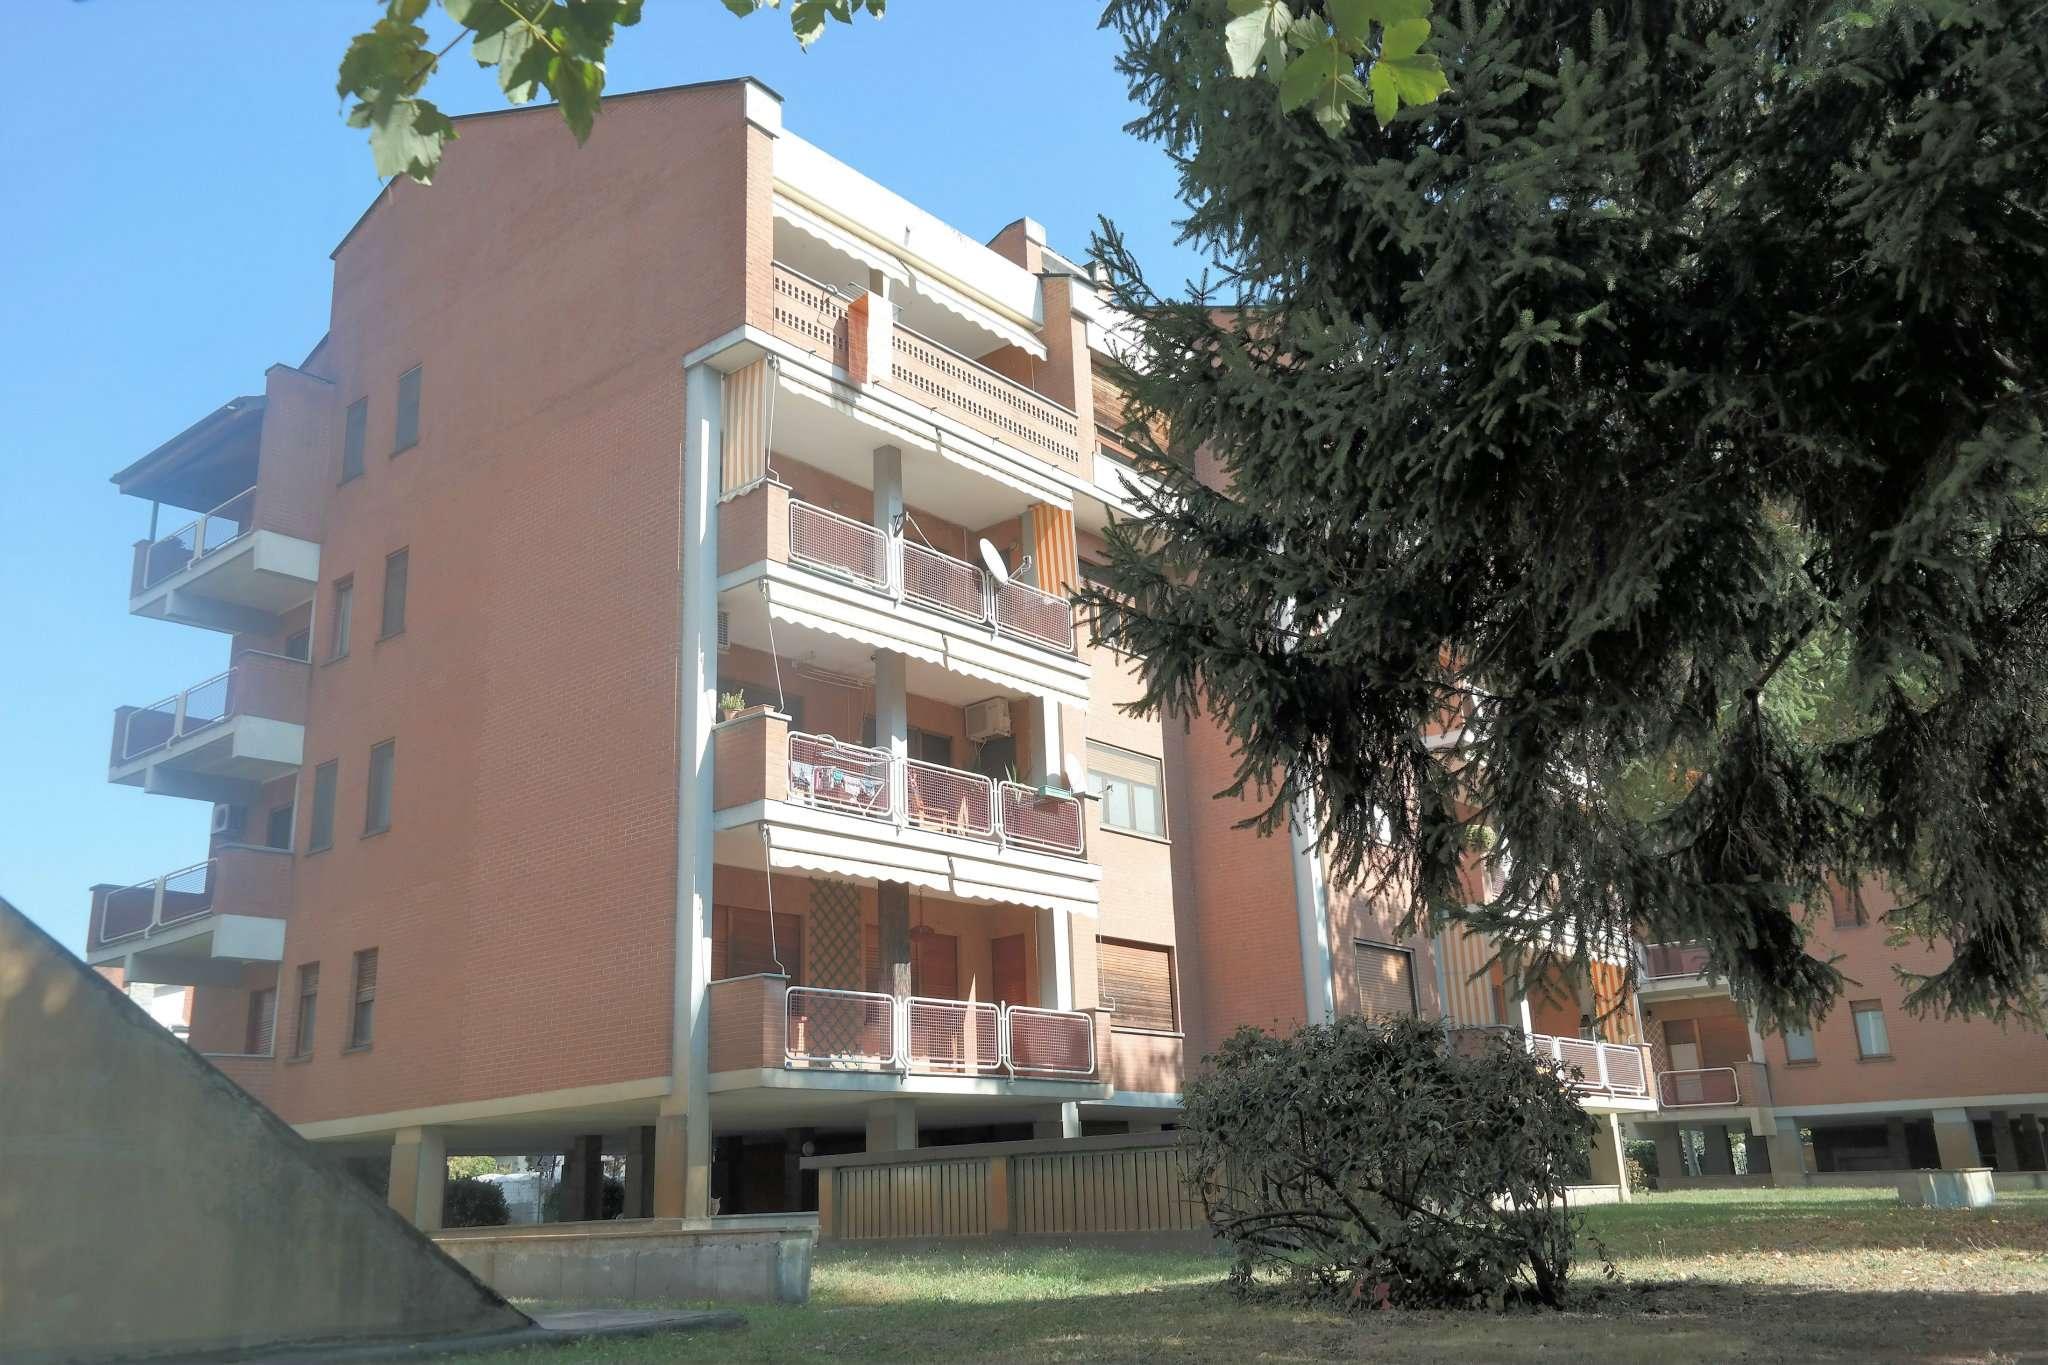 Appartamento in vendita a Santena, 5 locali, prezzo € 178.000 | CambioCasa.it